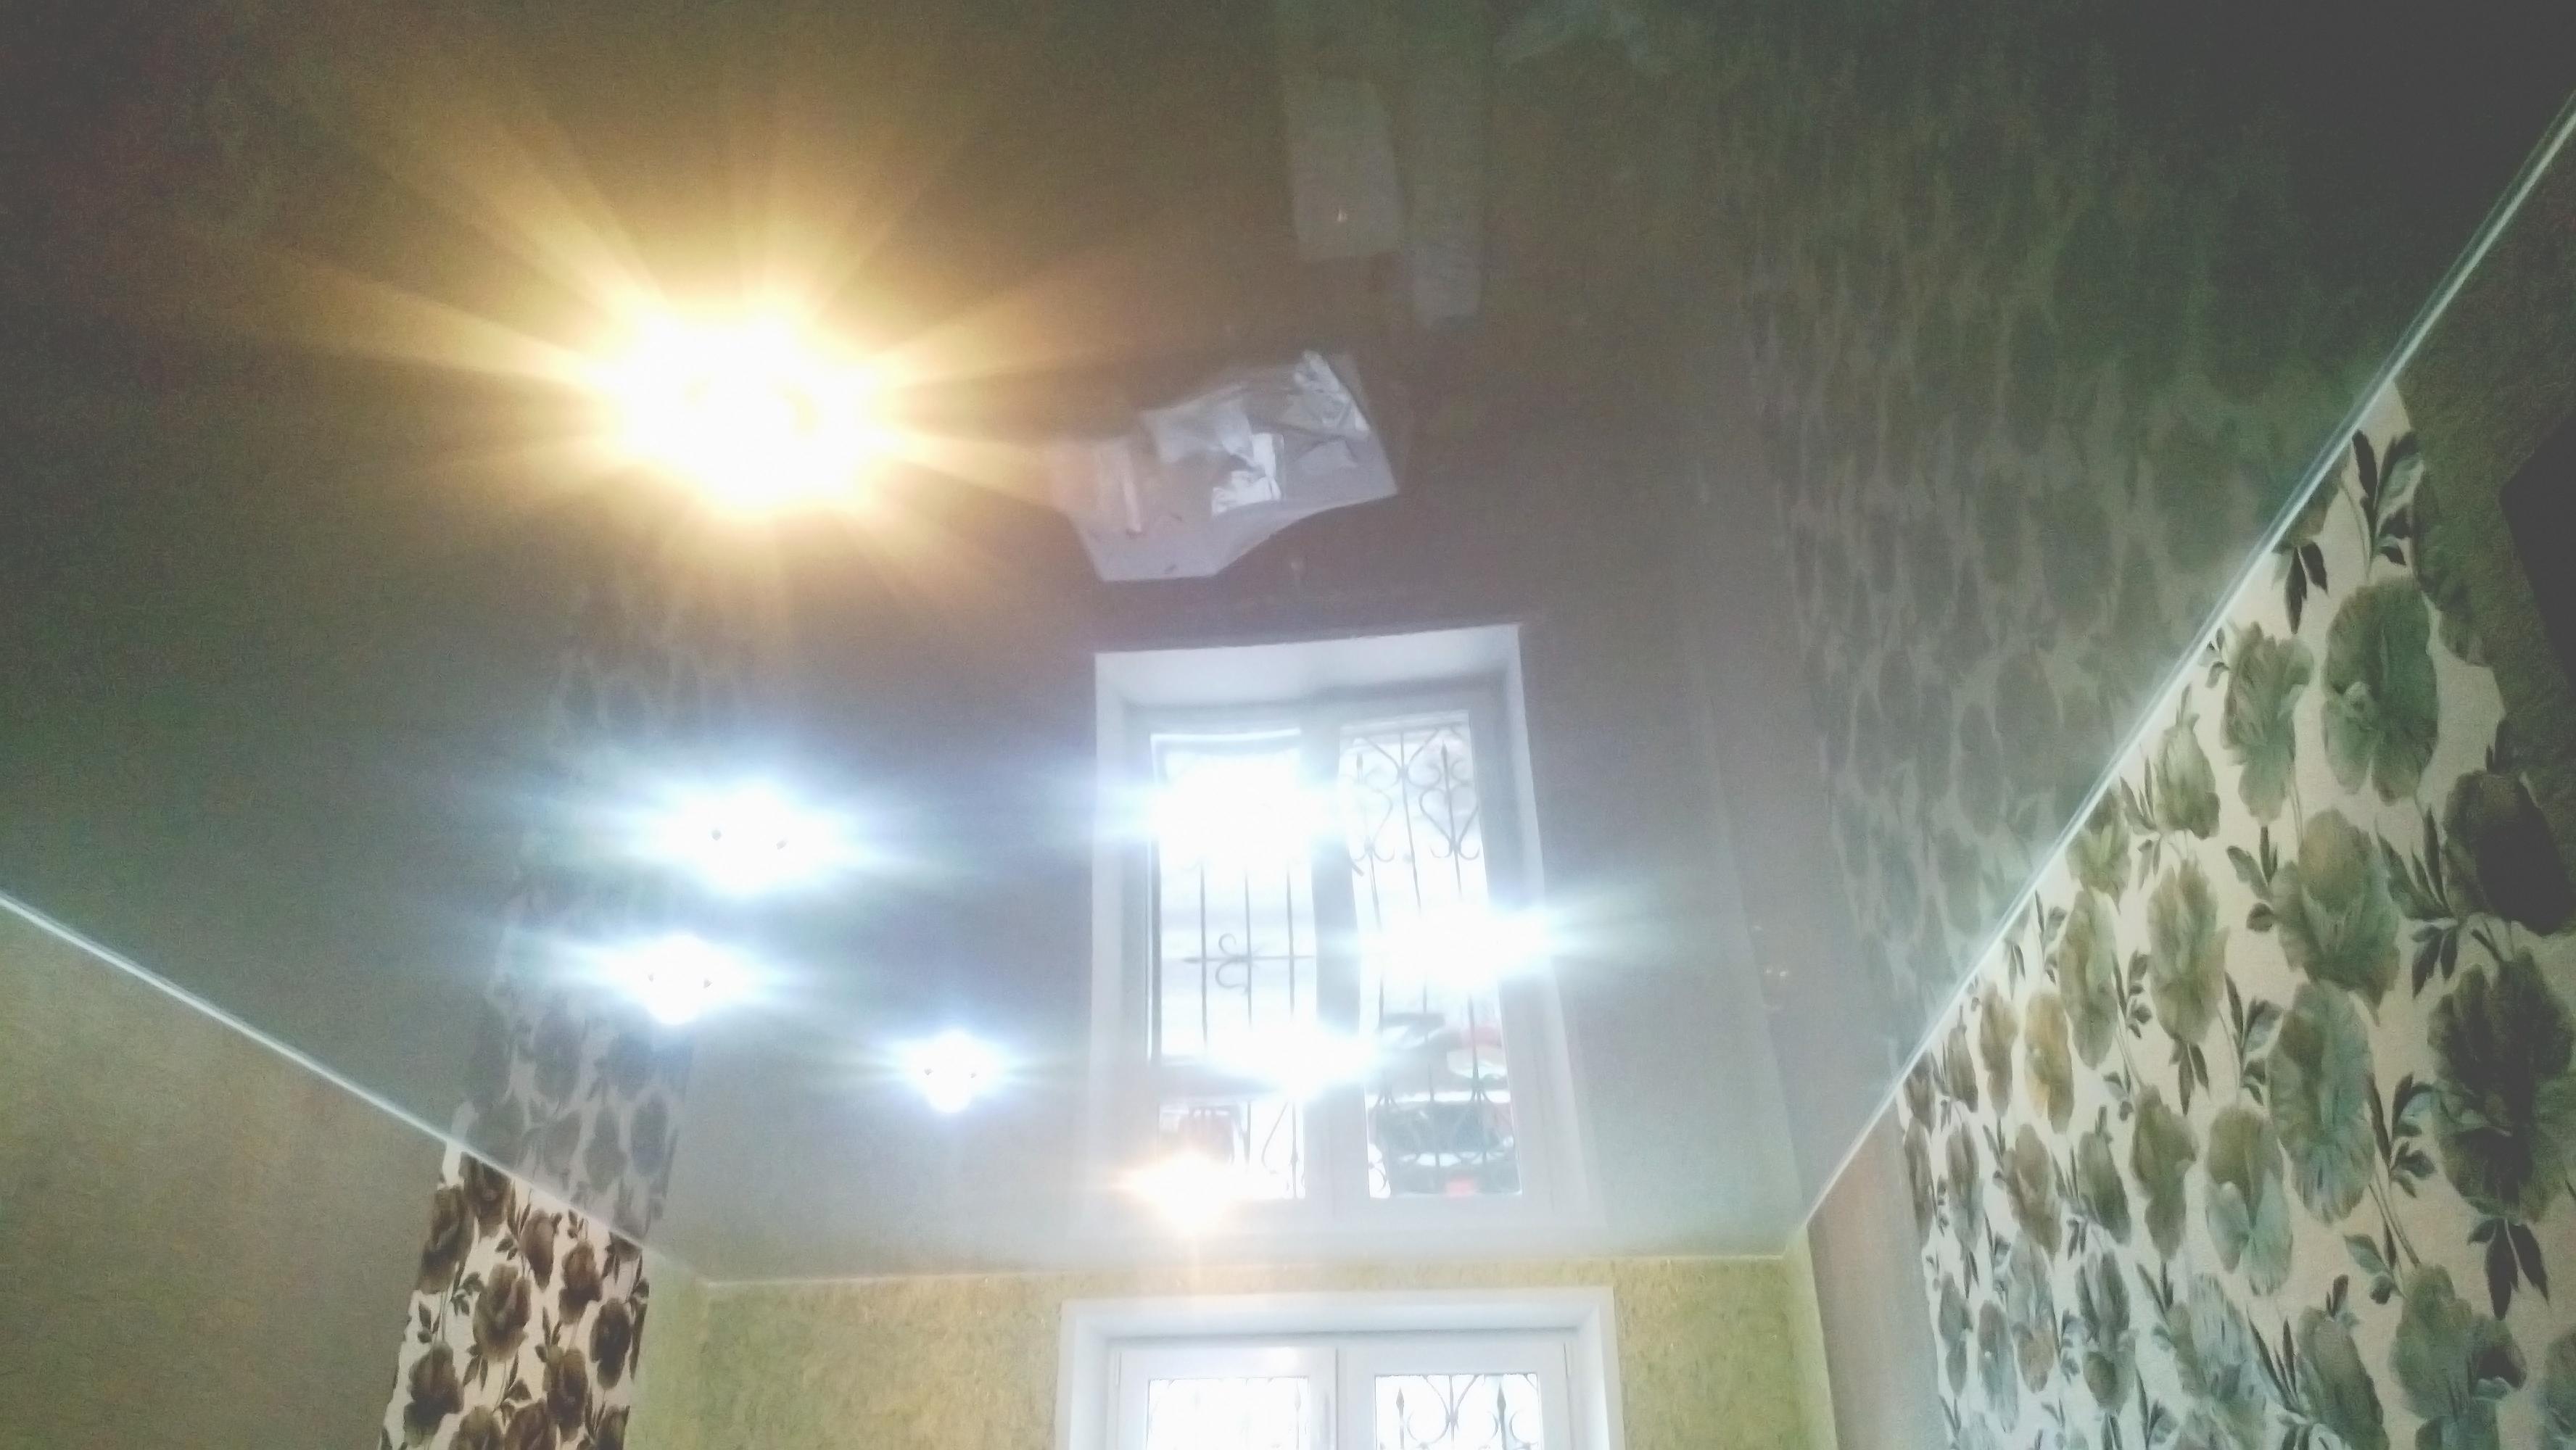 натяжные потолки фото цена двухуровневые матовые тканевые в Нижнем Новгороде